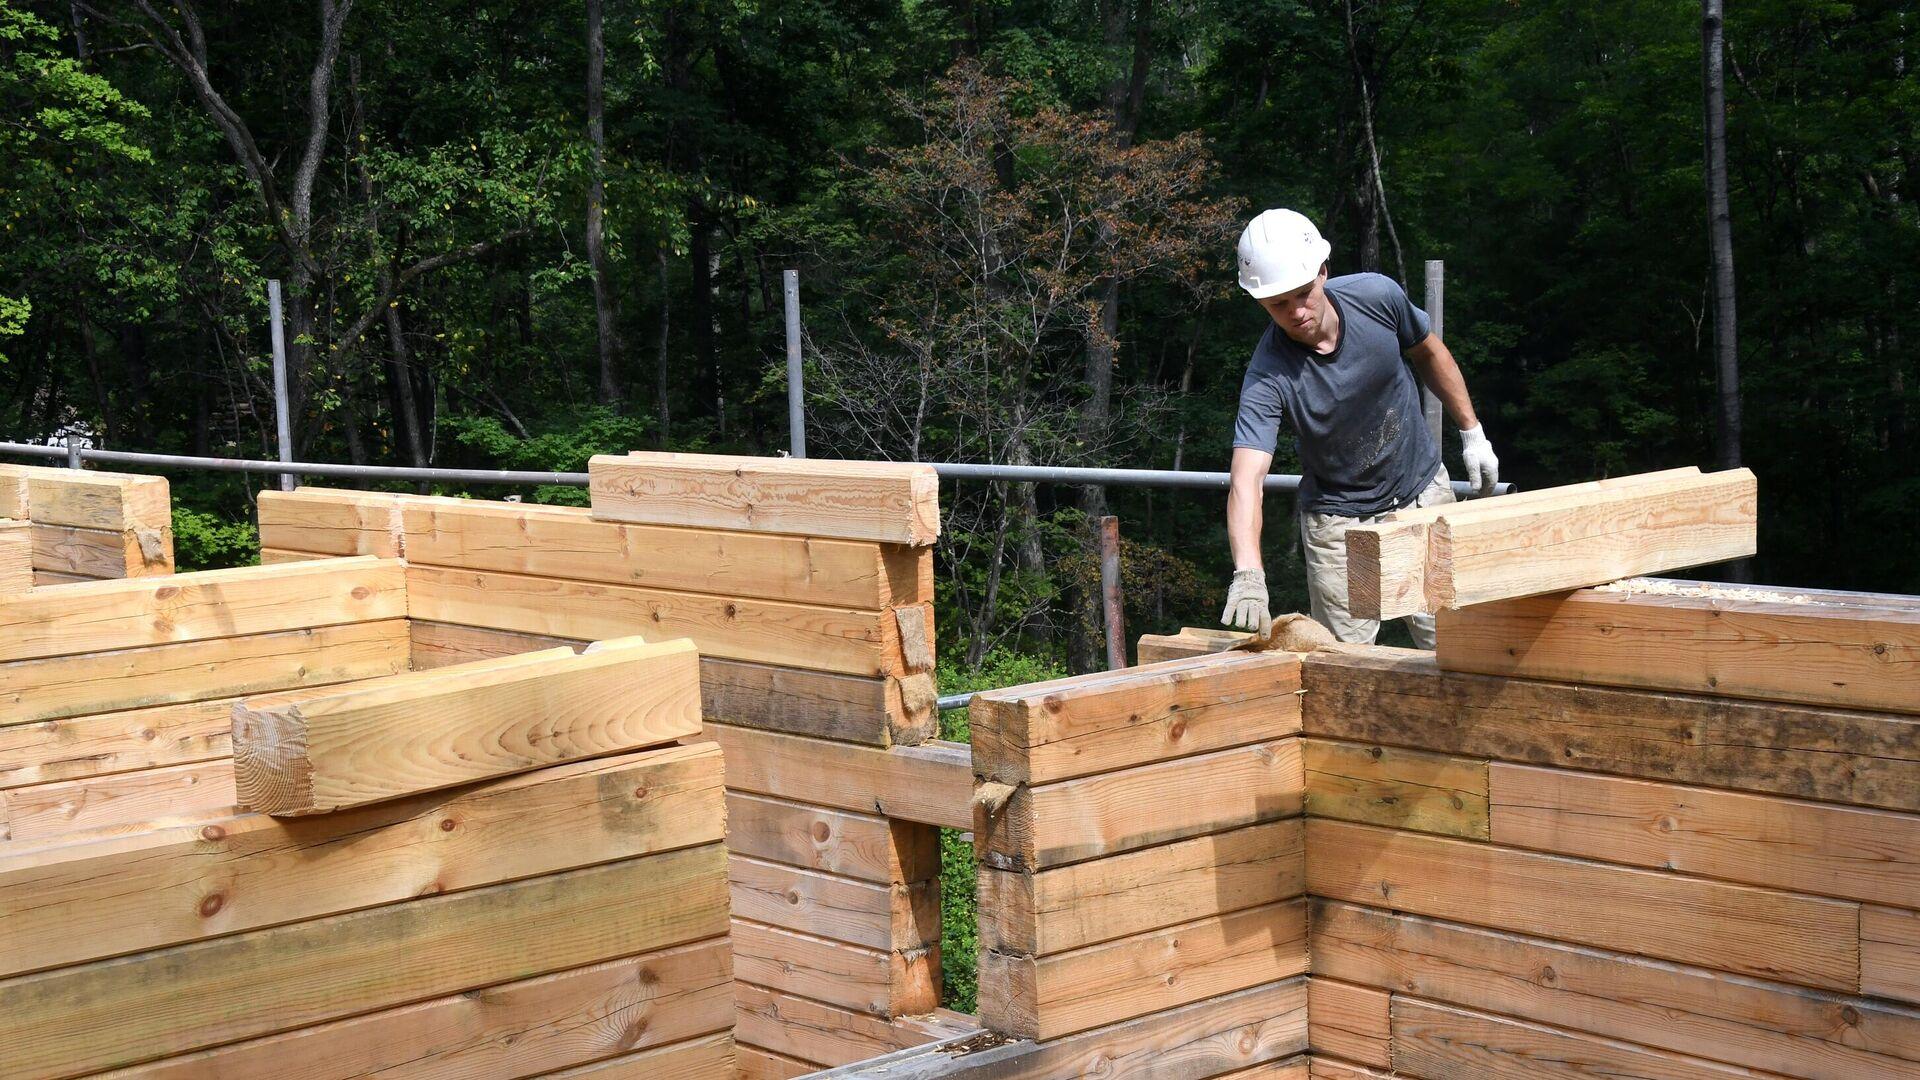 Строительство лесной школы на «дальневосточном гектаре»  в Приморье  - РИА Новости, 1920, 31.08.2020